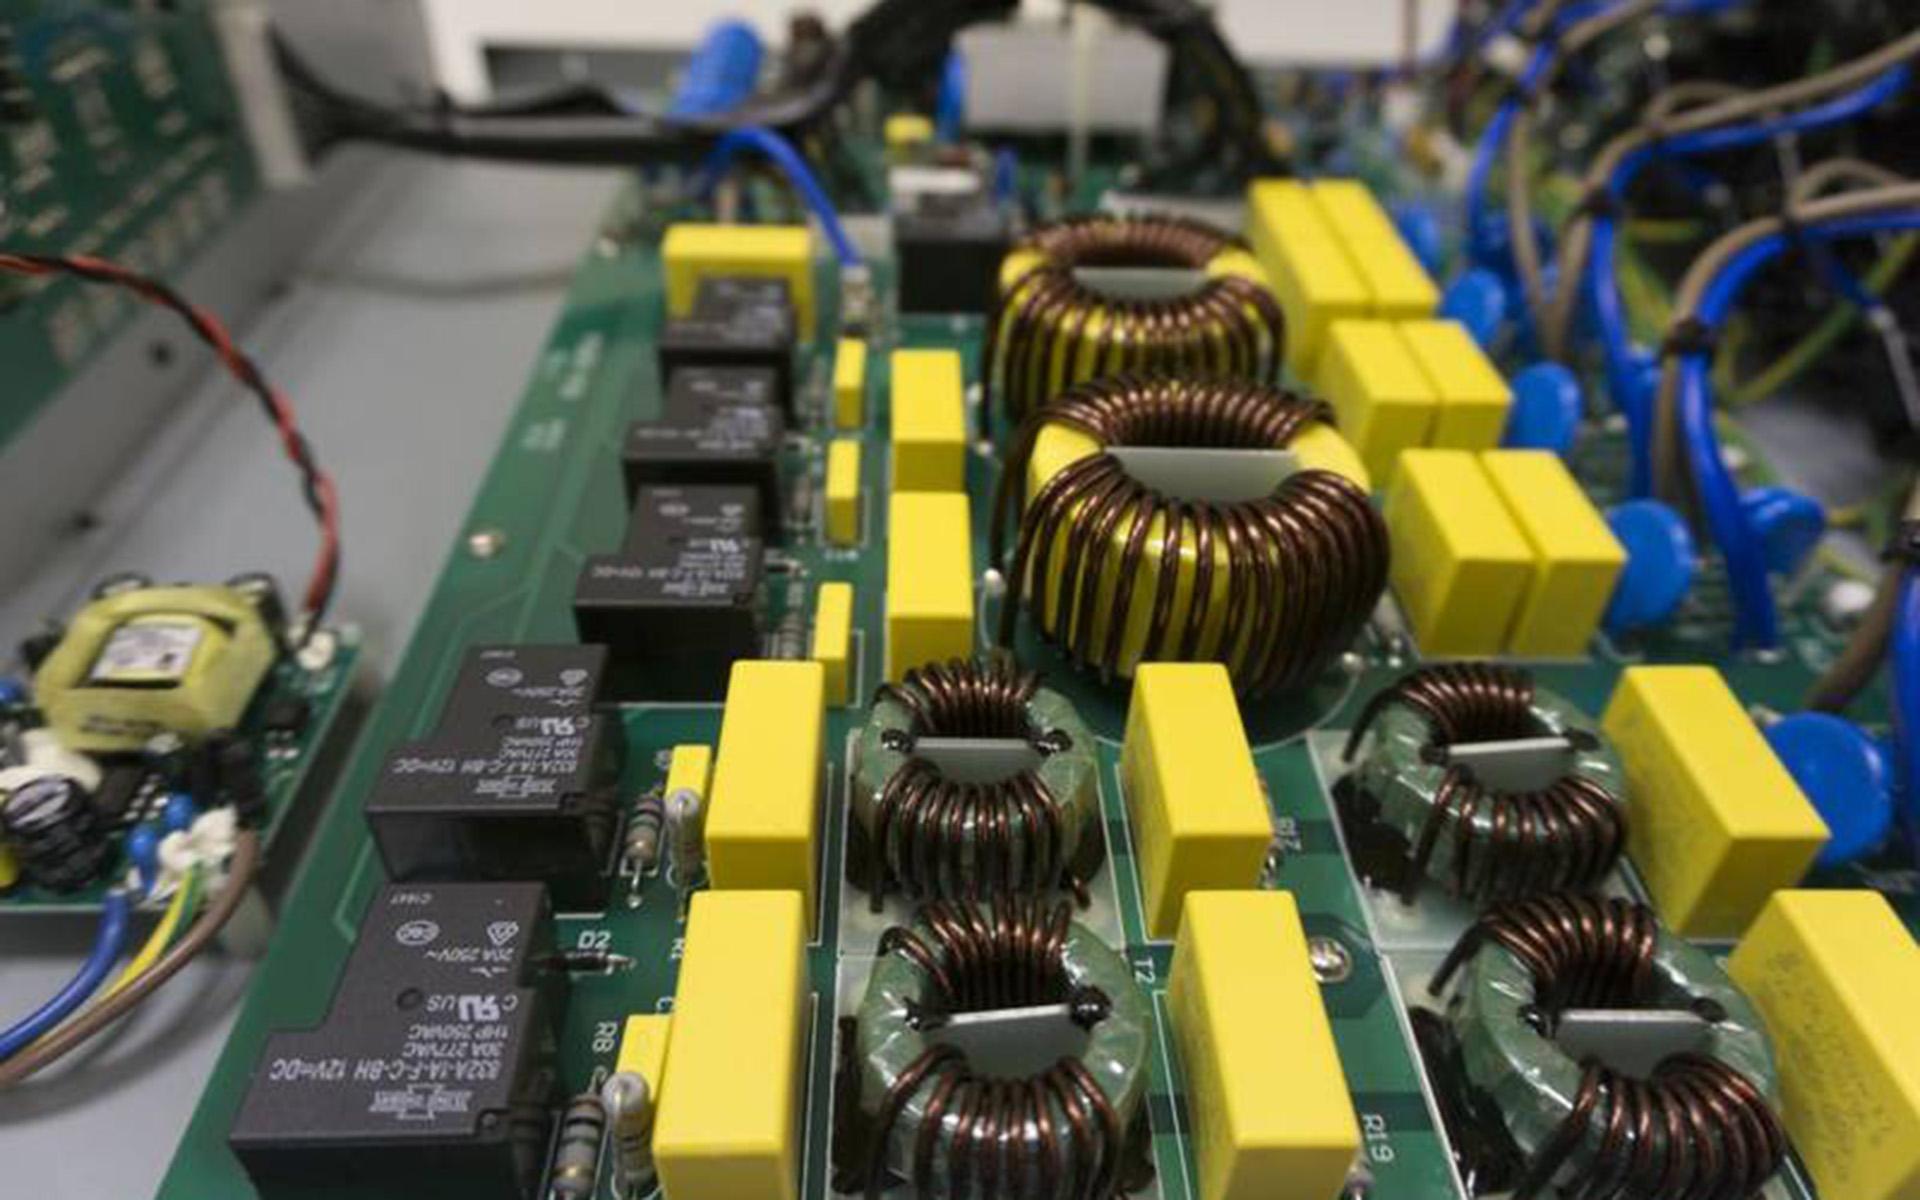 Устройства POWERGRIP реально работают: портал AVreport «разобрал по косточкам» модели YG-1 и YG-2